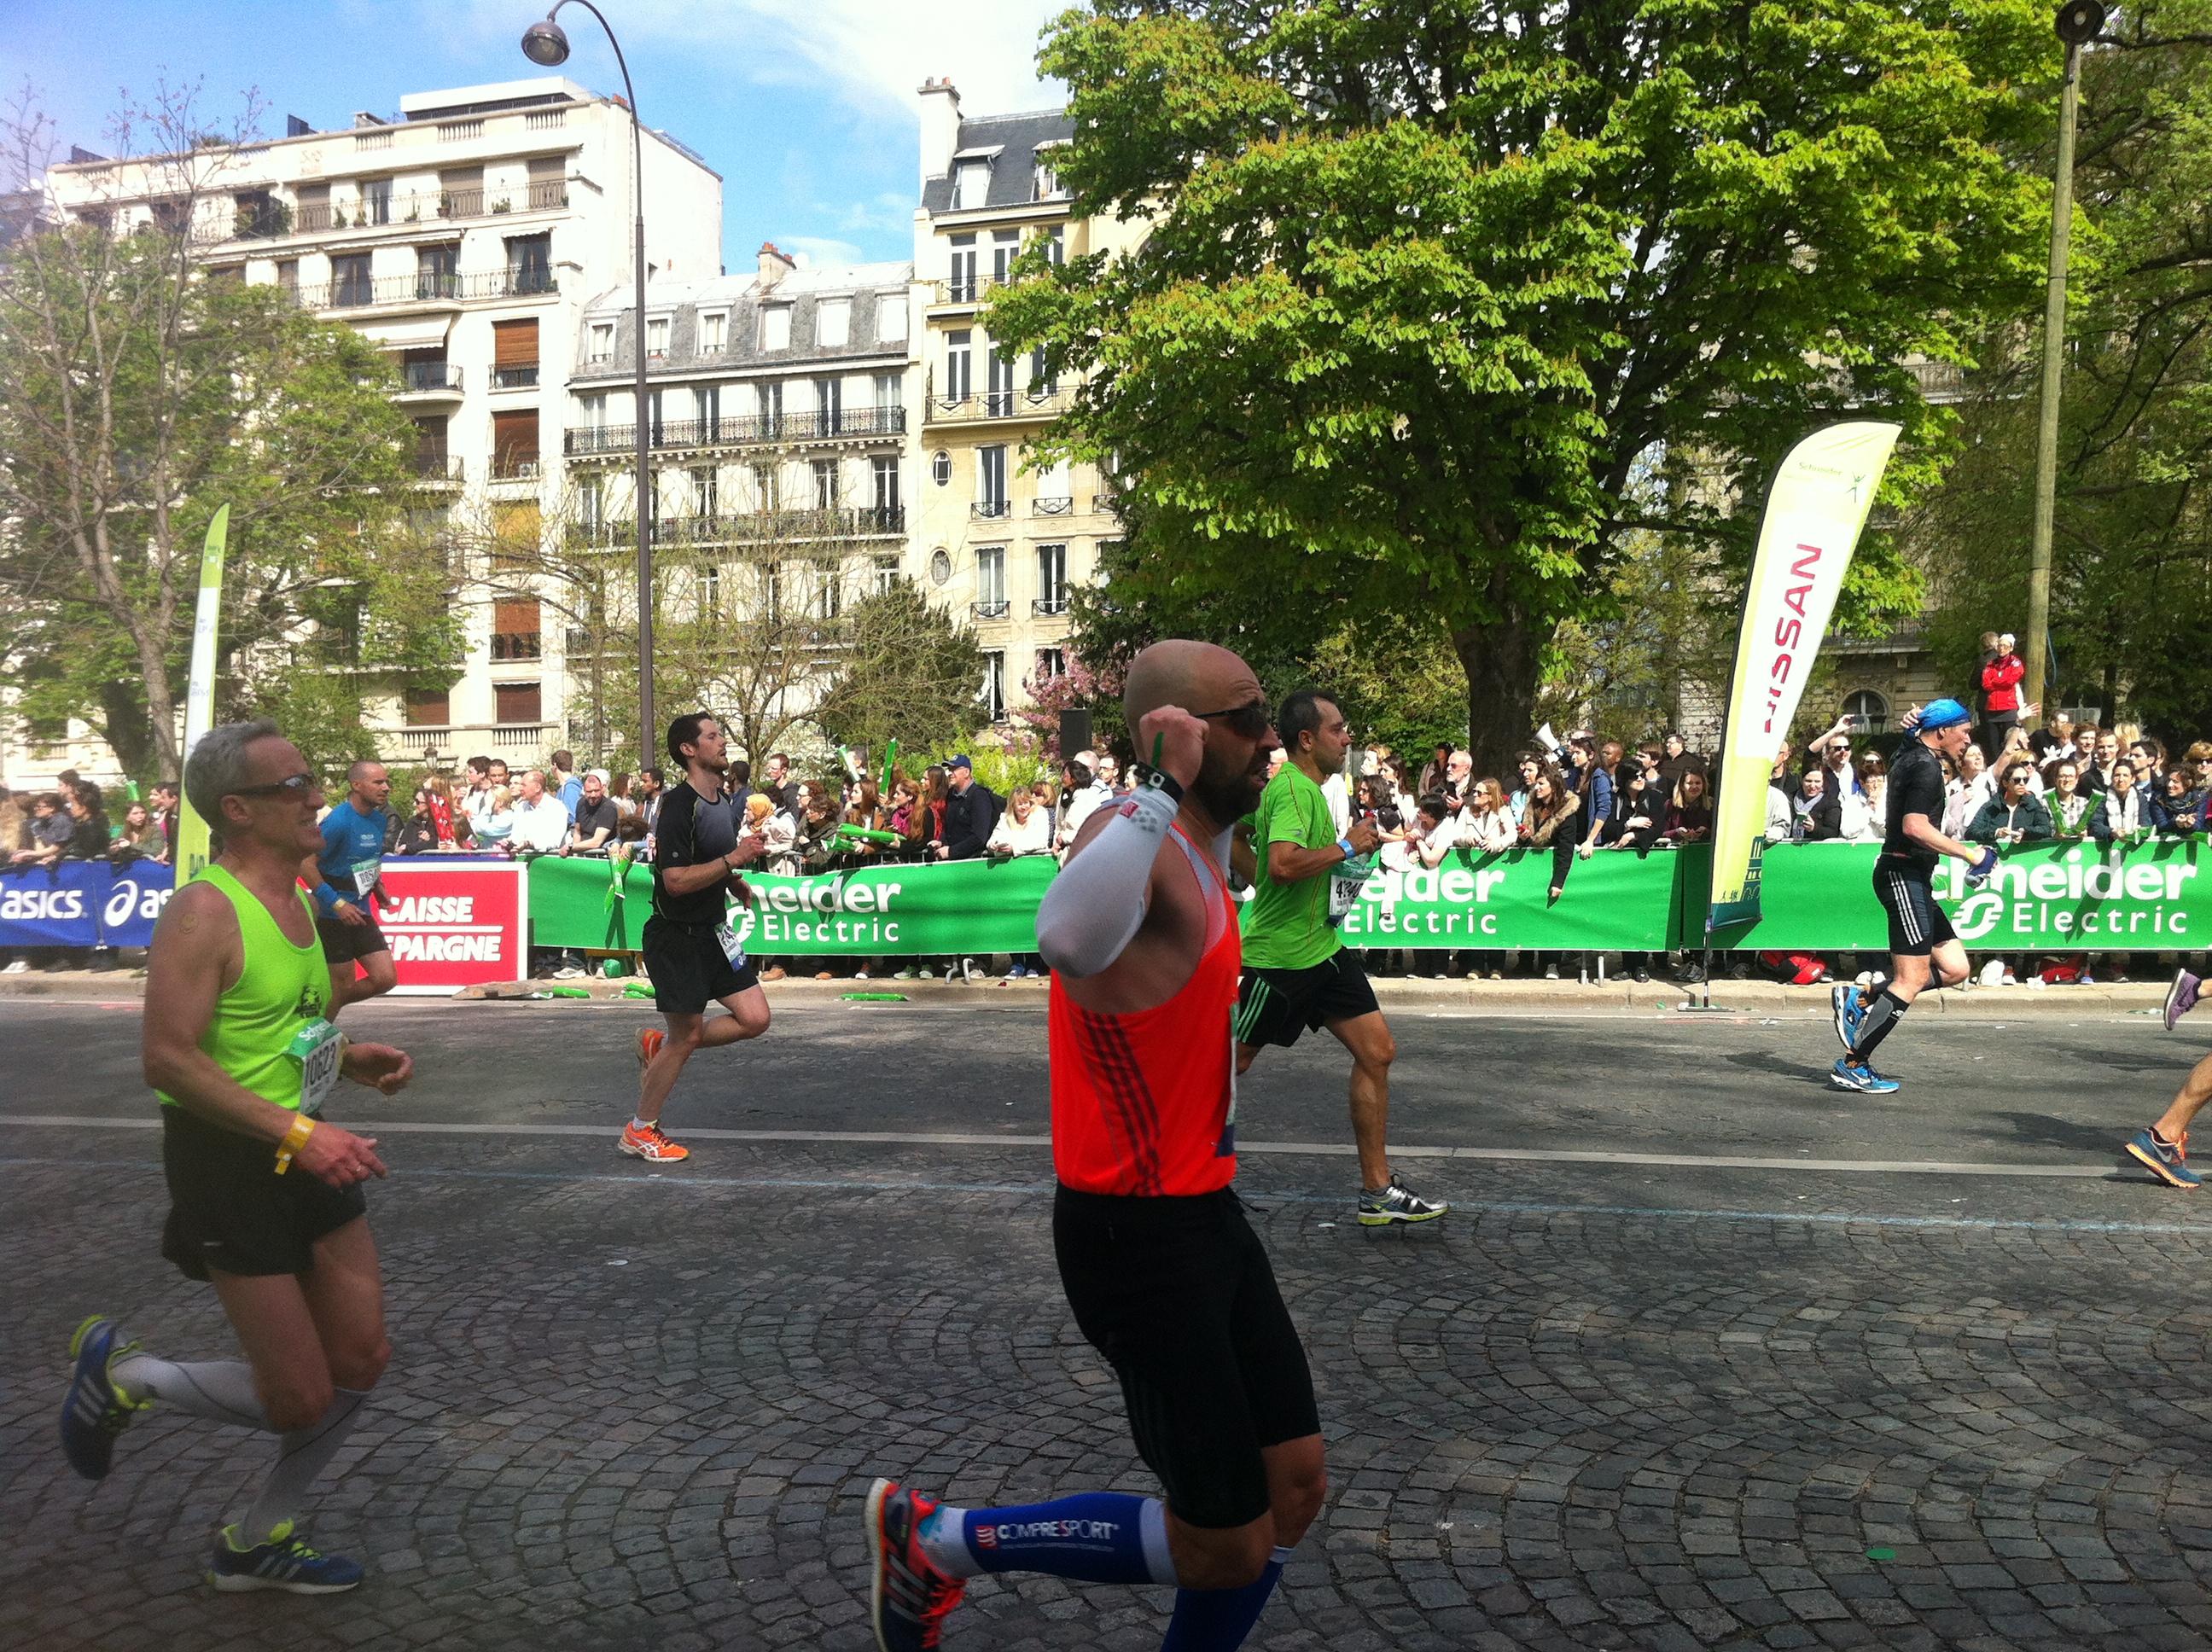 Ødelegge På Run Maraton Nøkkelsessene Å U Muren For RA7wEqa